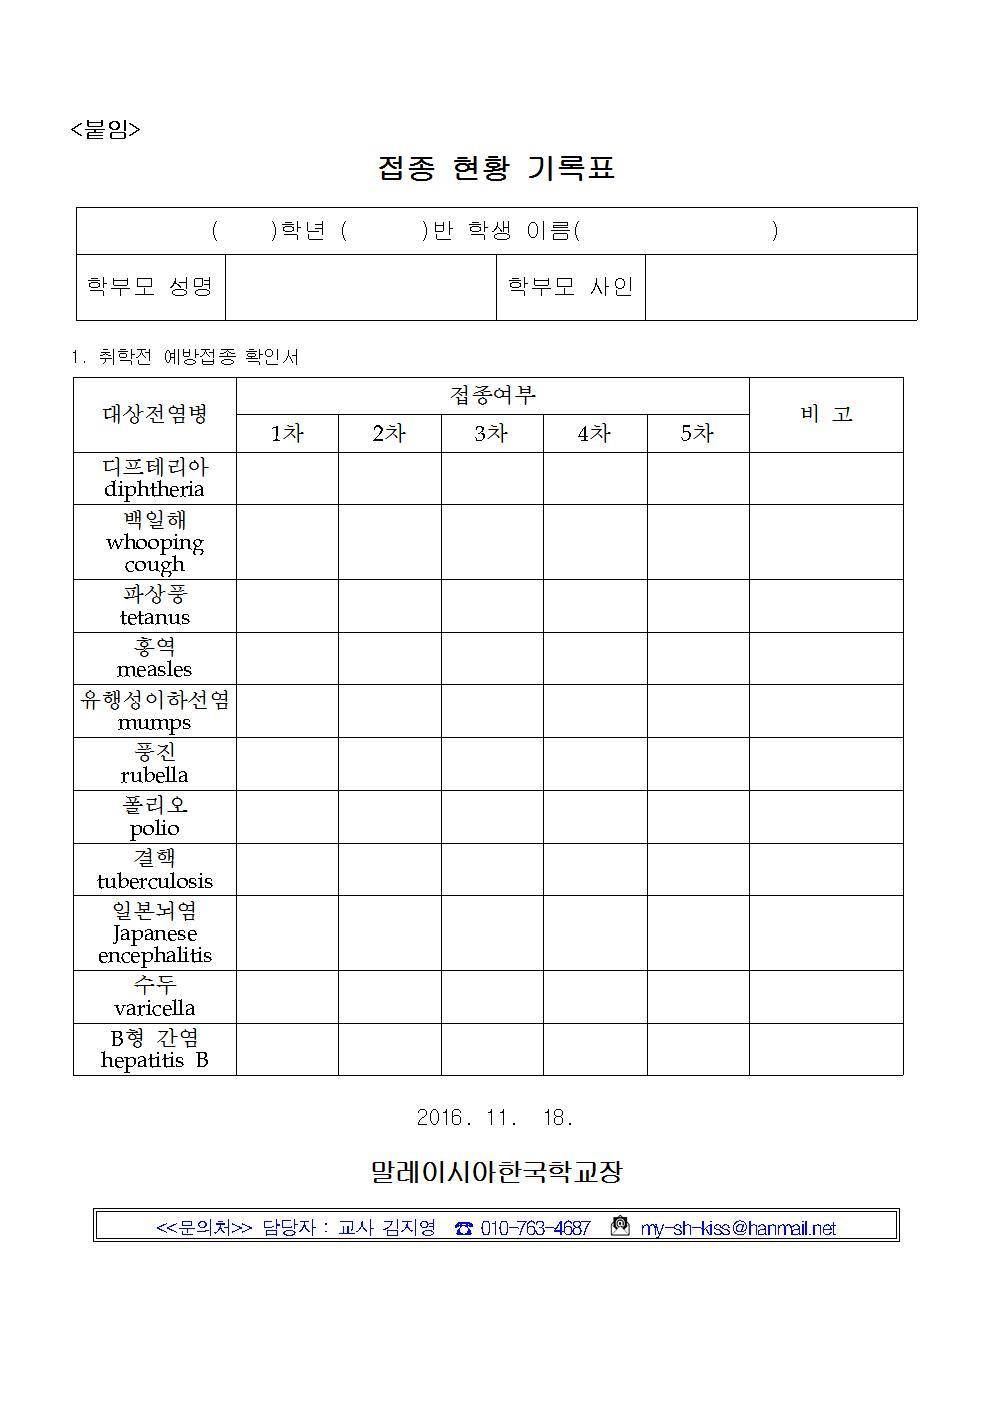 취학전예방접종확인-가정통신문(수정)002.jpg